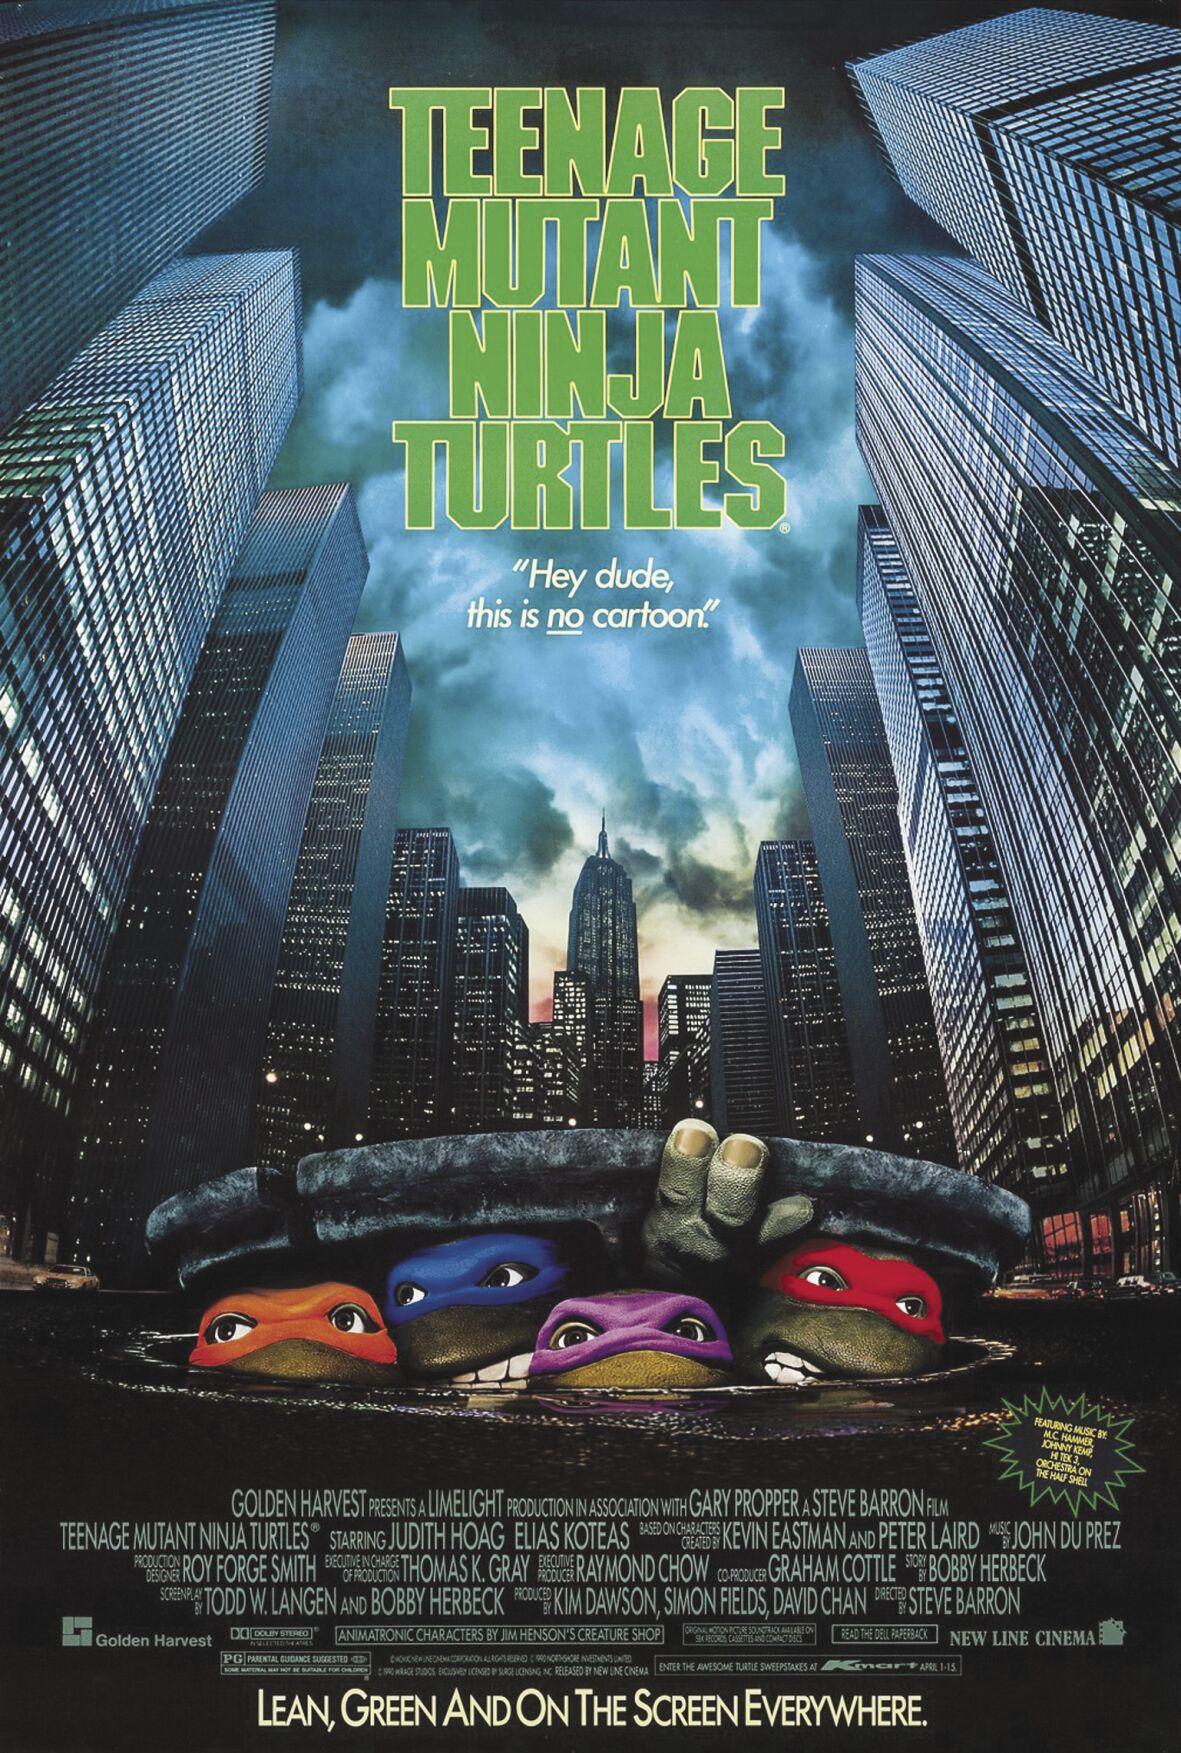 Teenage Mutant Ninja Turtles-Poster